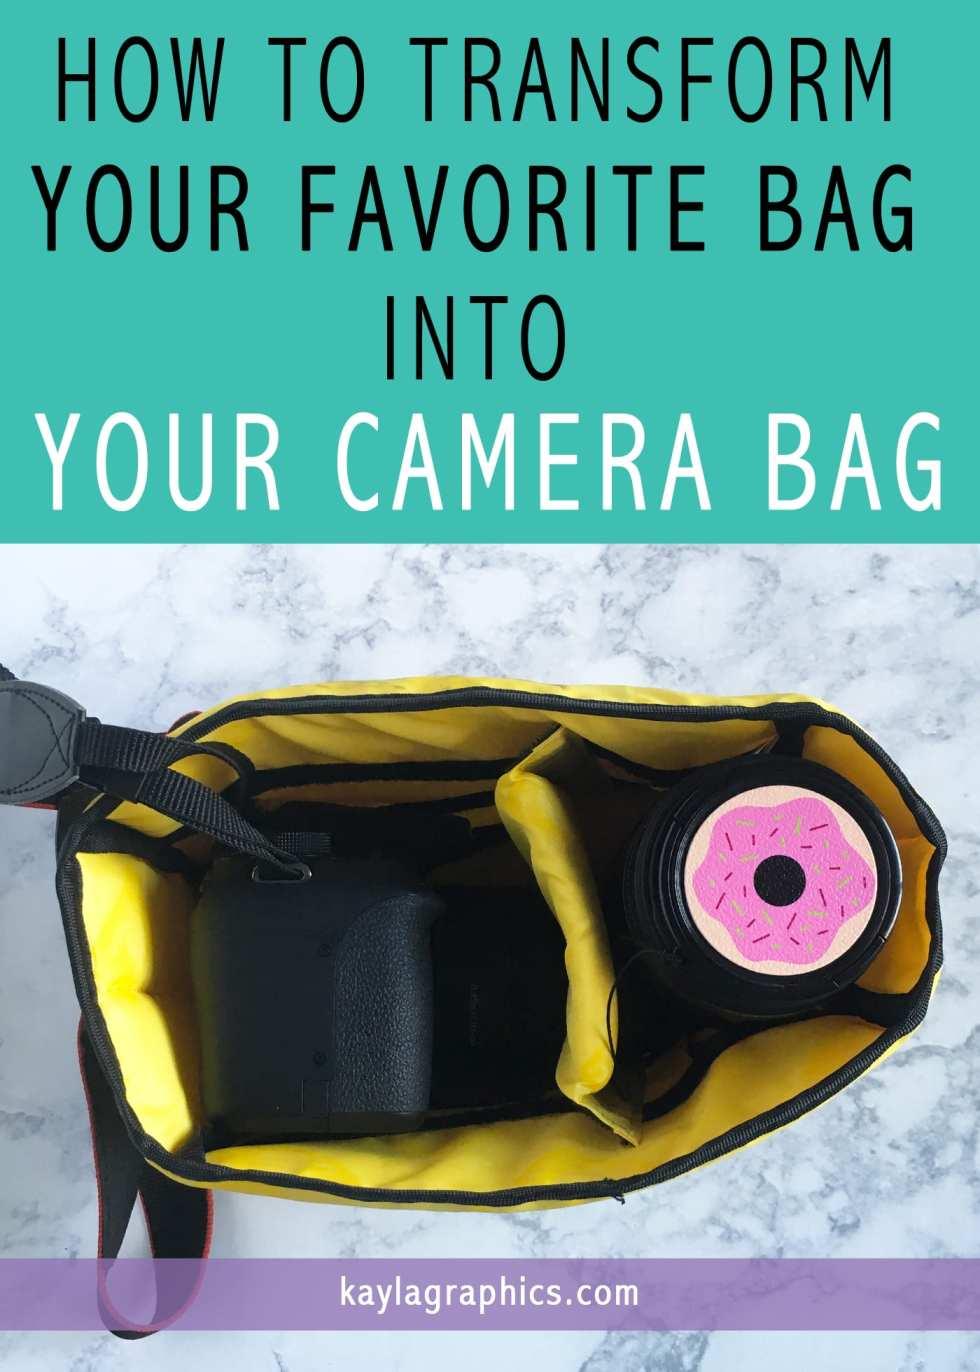 how to transform favorite bag into camera bag